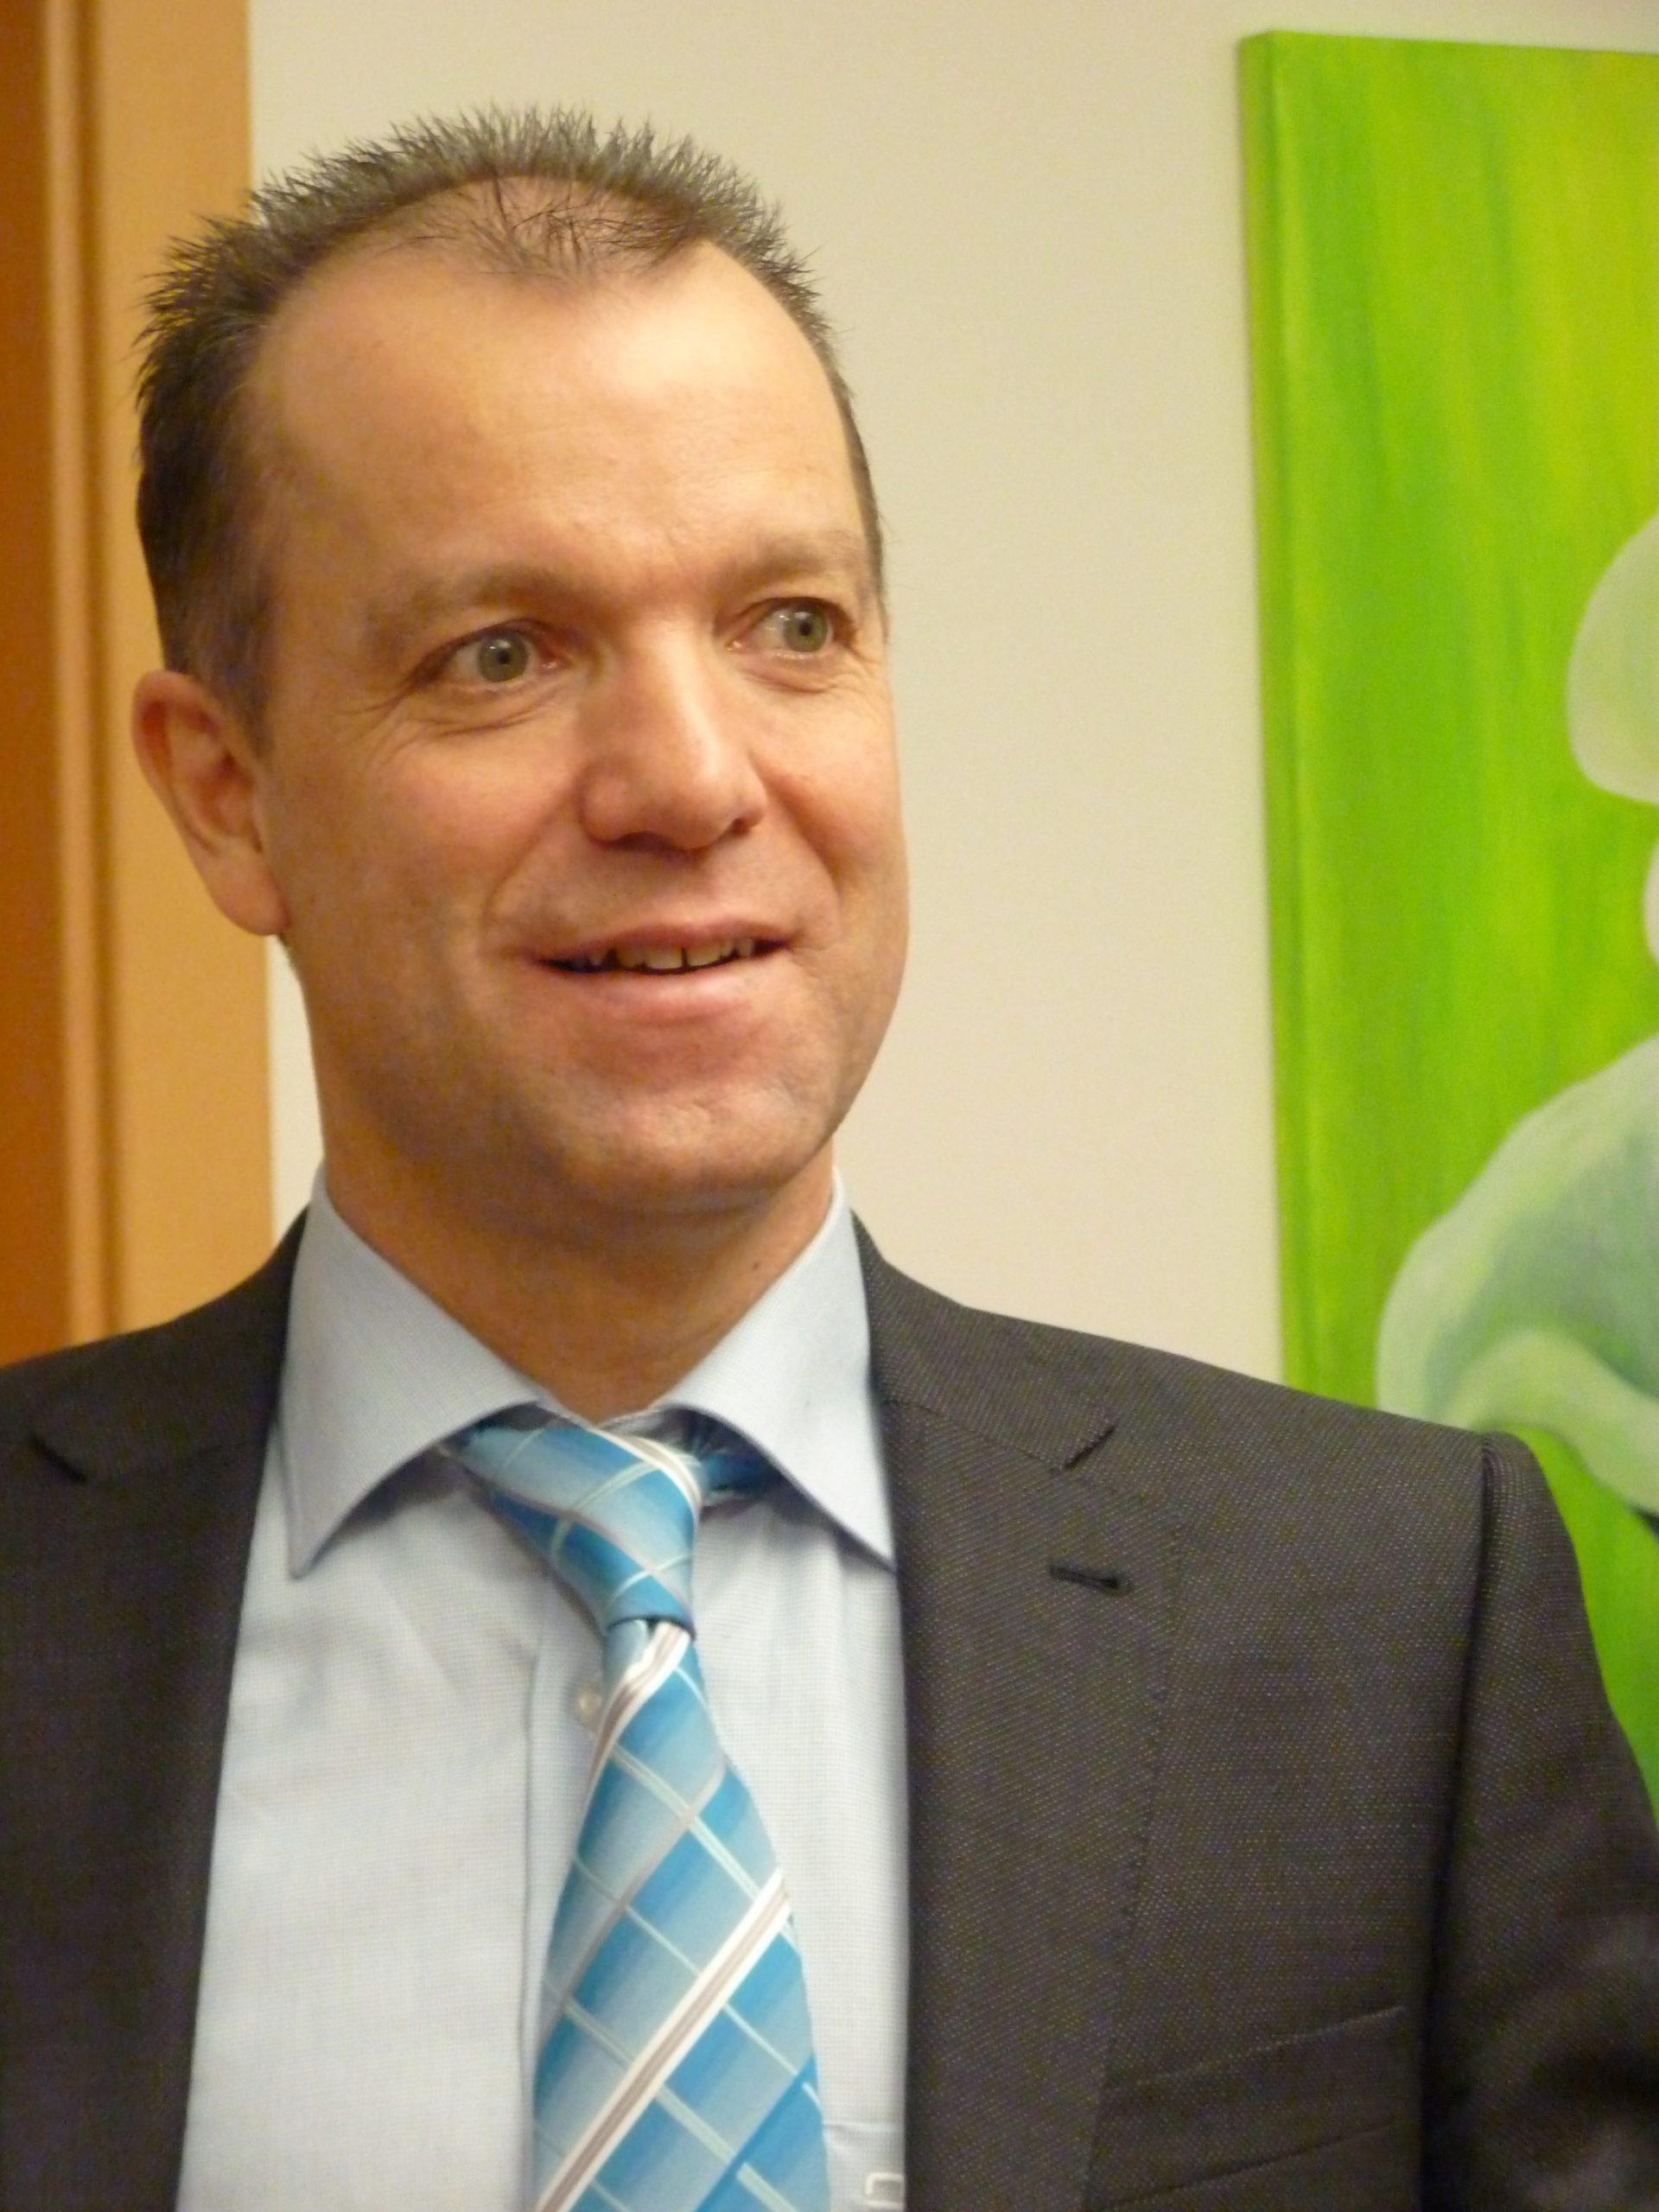 Horst Lehmann